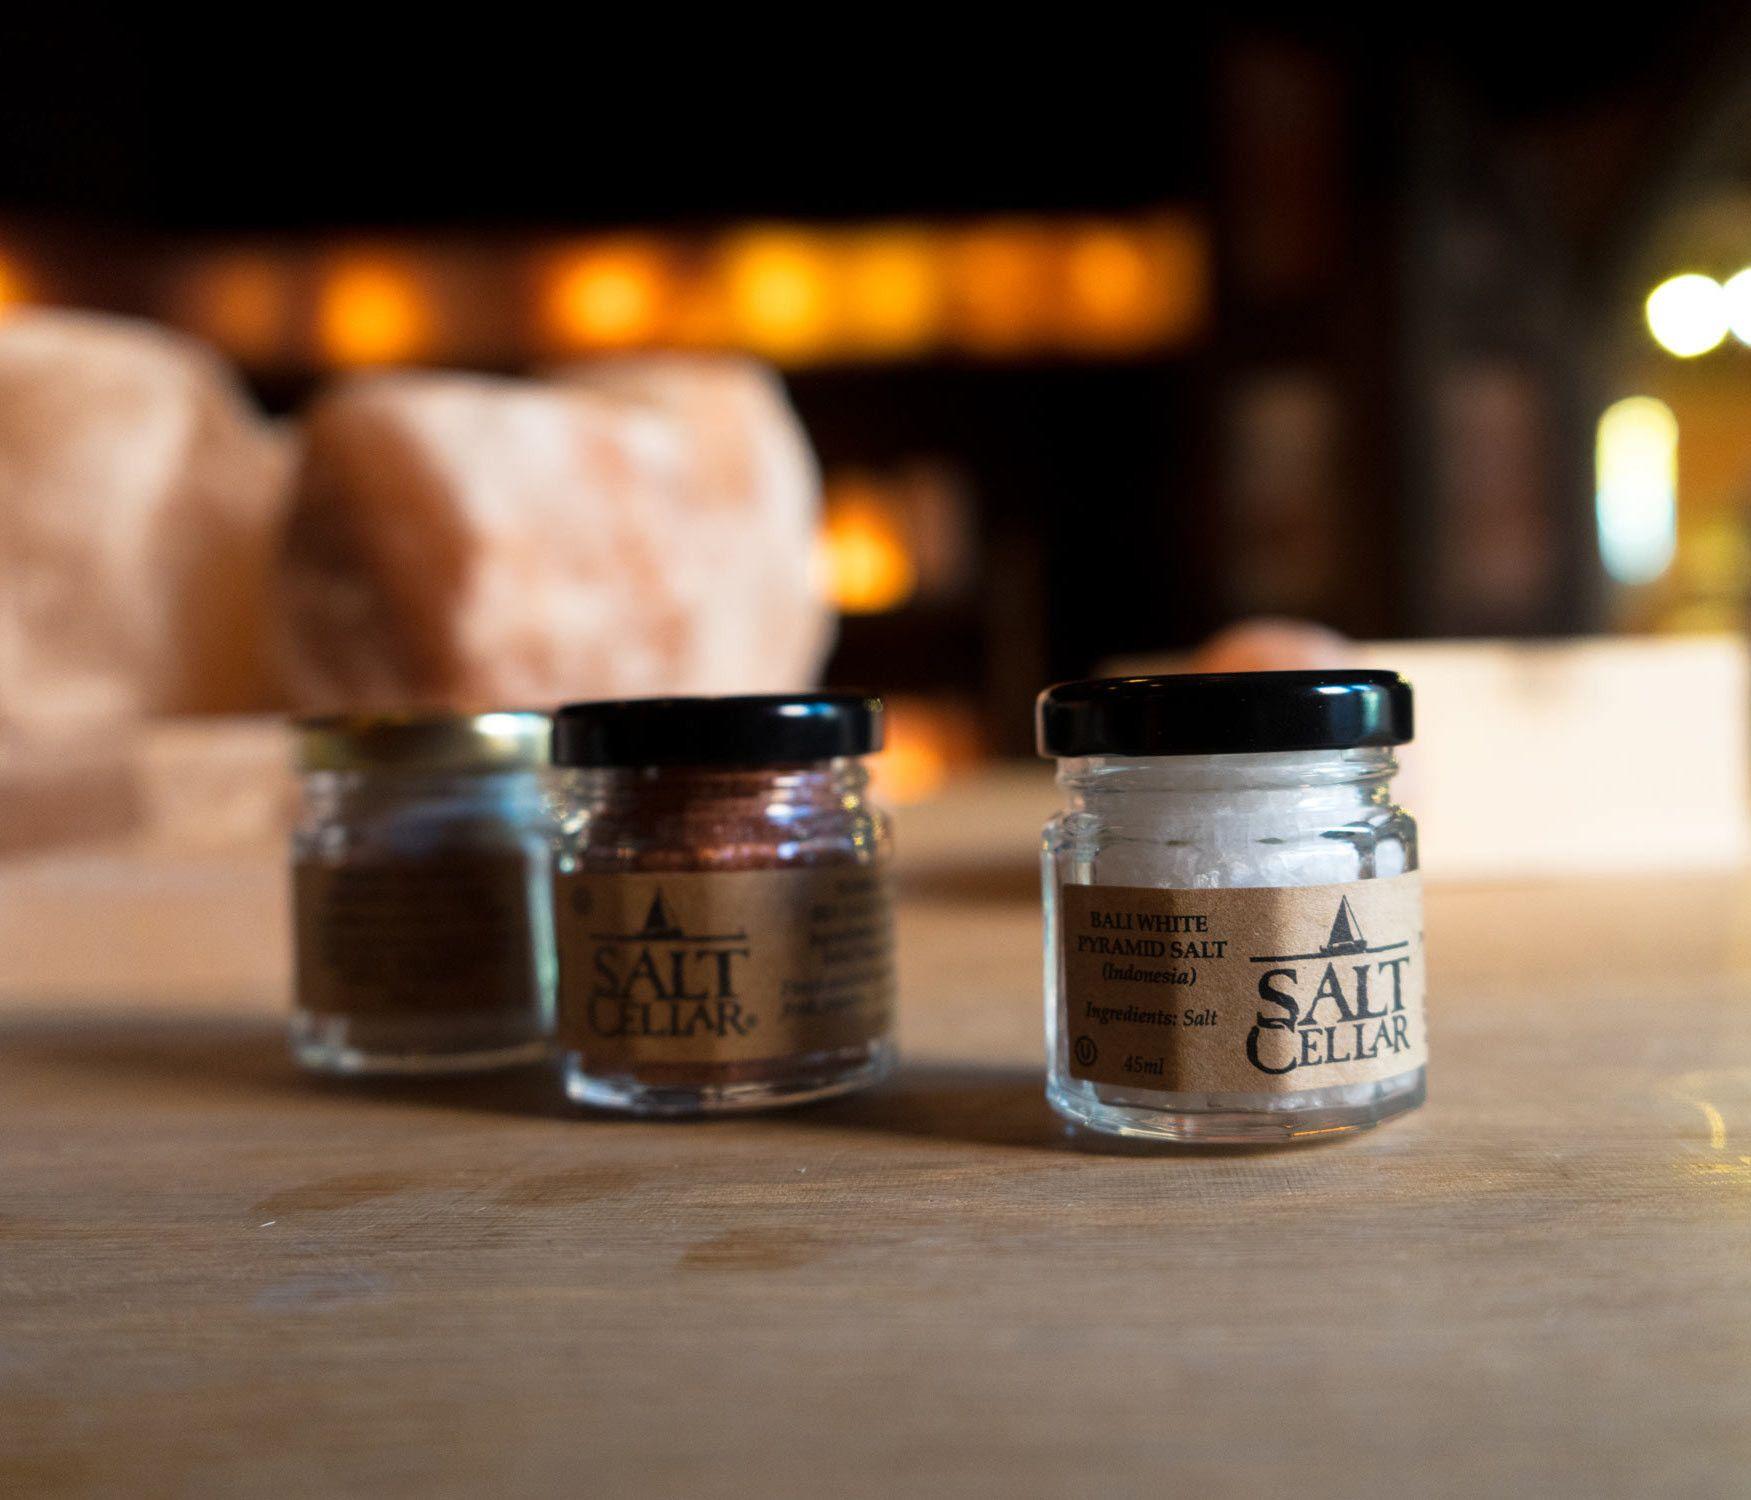 gourmet salt, salt sampler, salt set, finishing salt, flavored salt, salt cellar